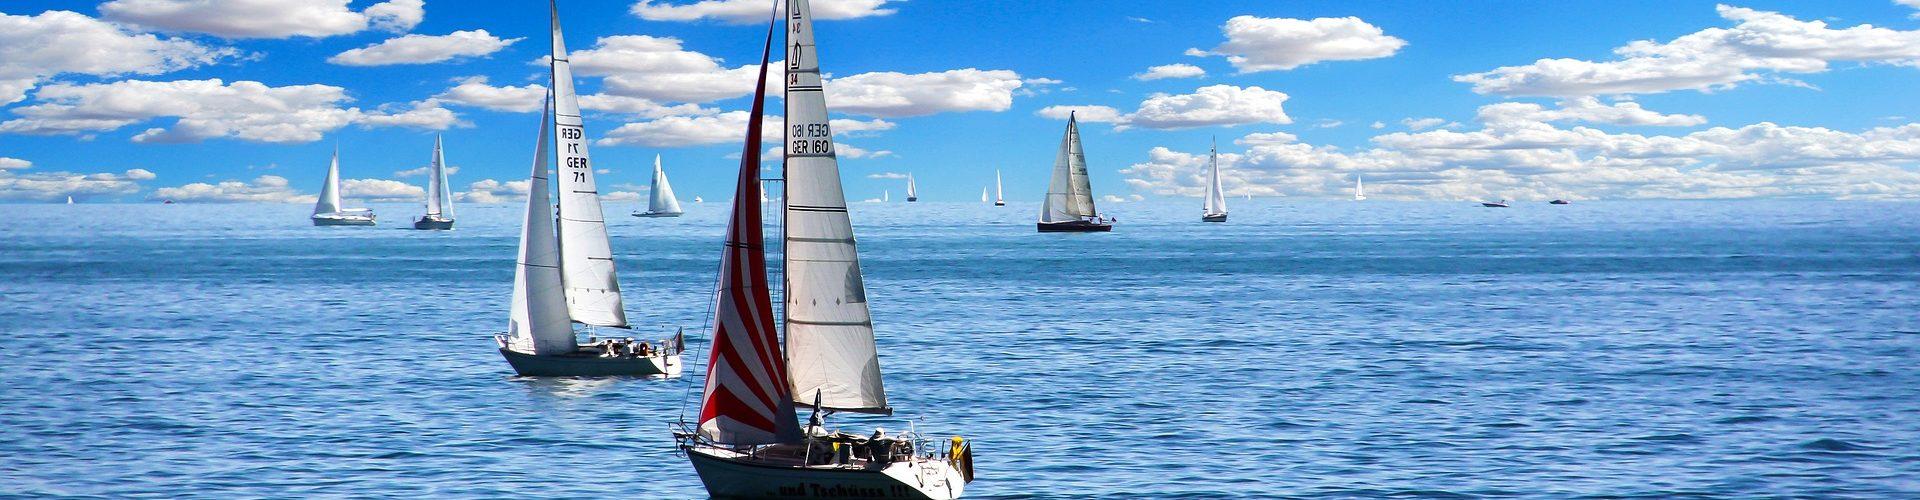 segeln lernen in Breege segelschein machen in Breege 1920x500 - Segeln lernen in Breege